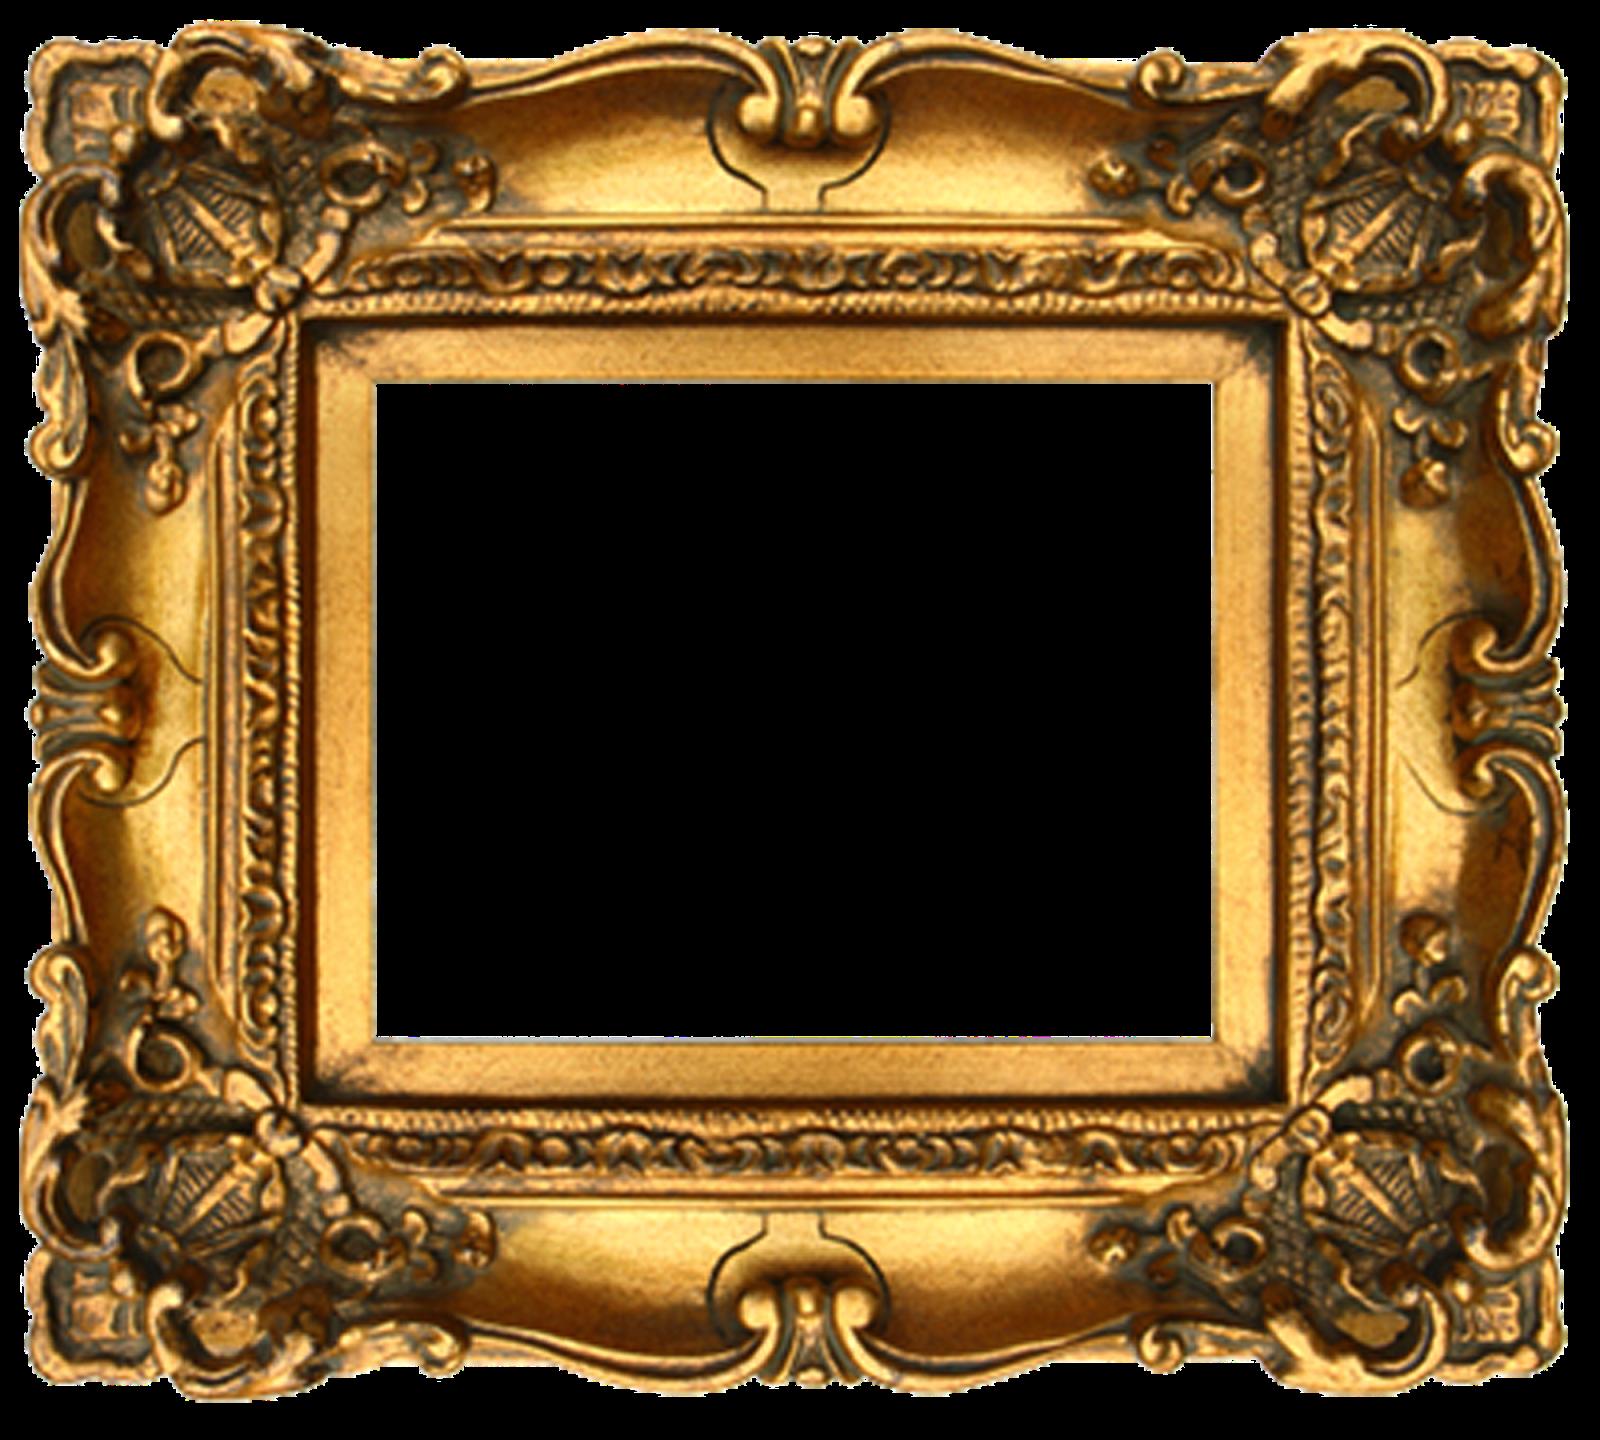 Vintage Gold Gilded Frames Free Printables 액자 인테리어 사진